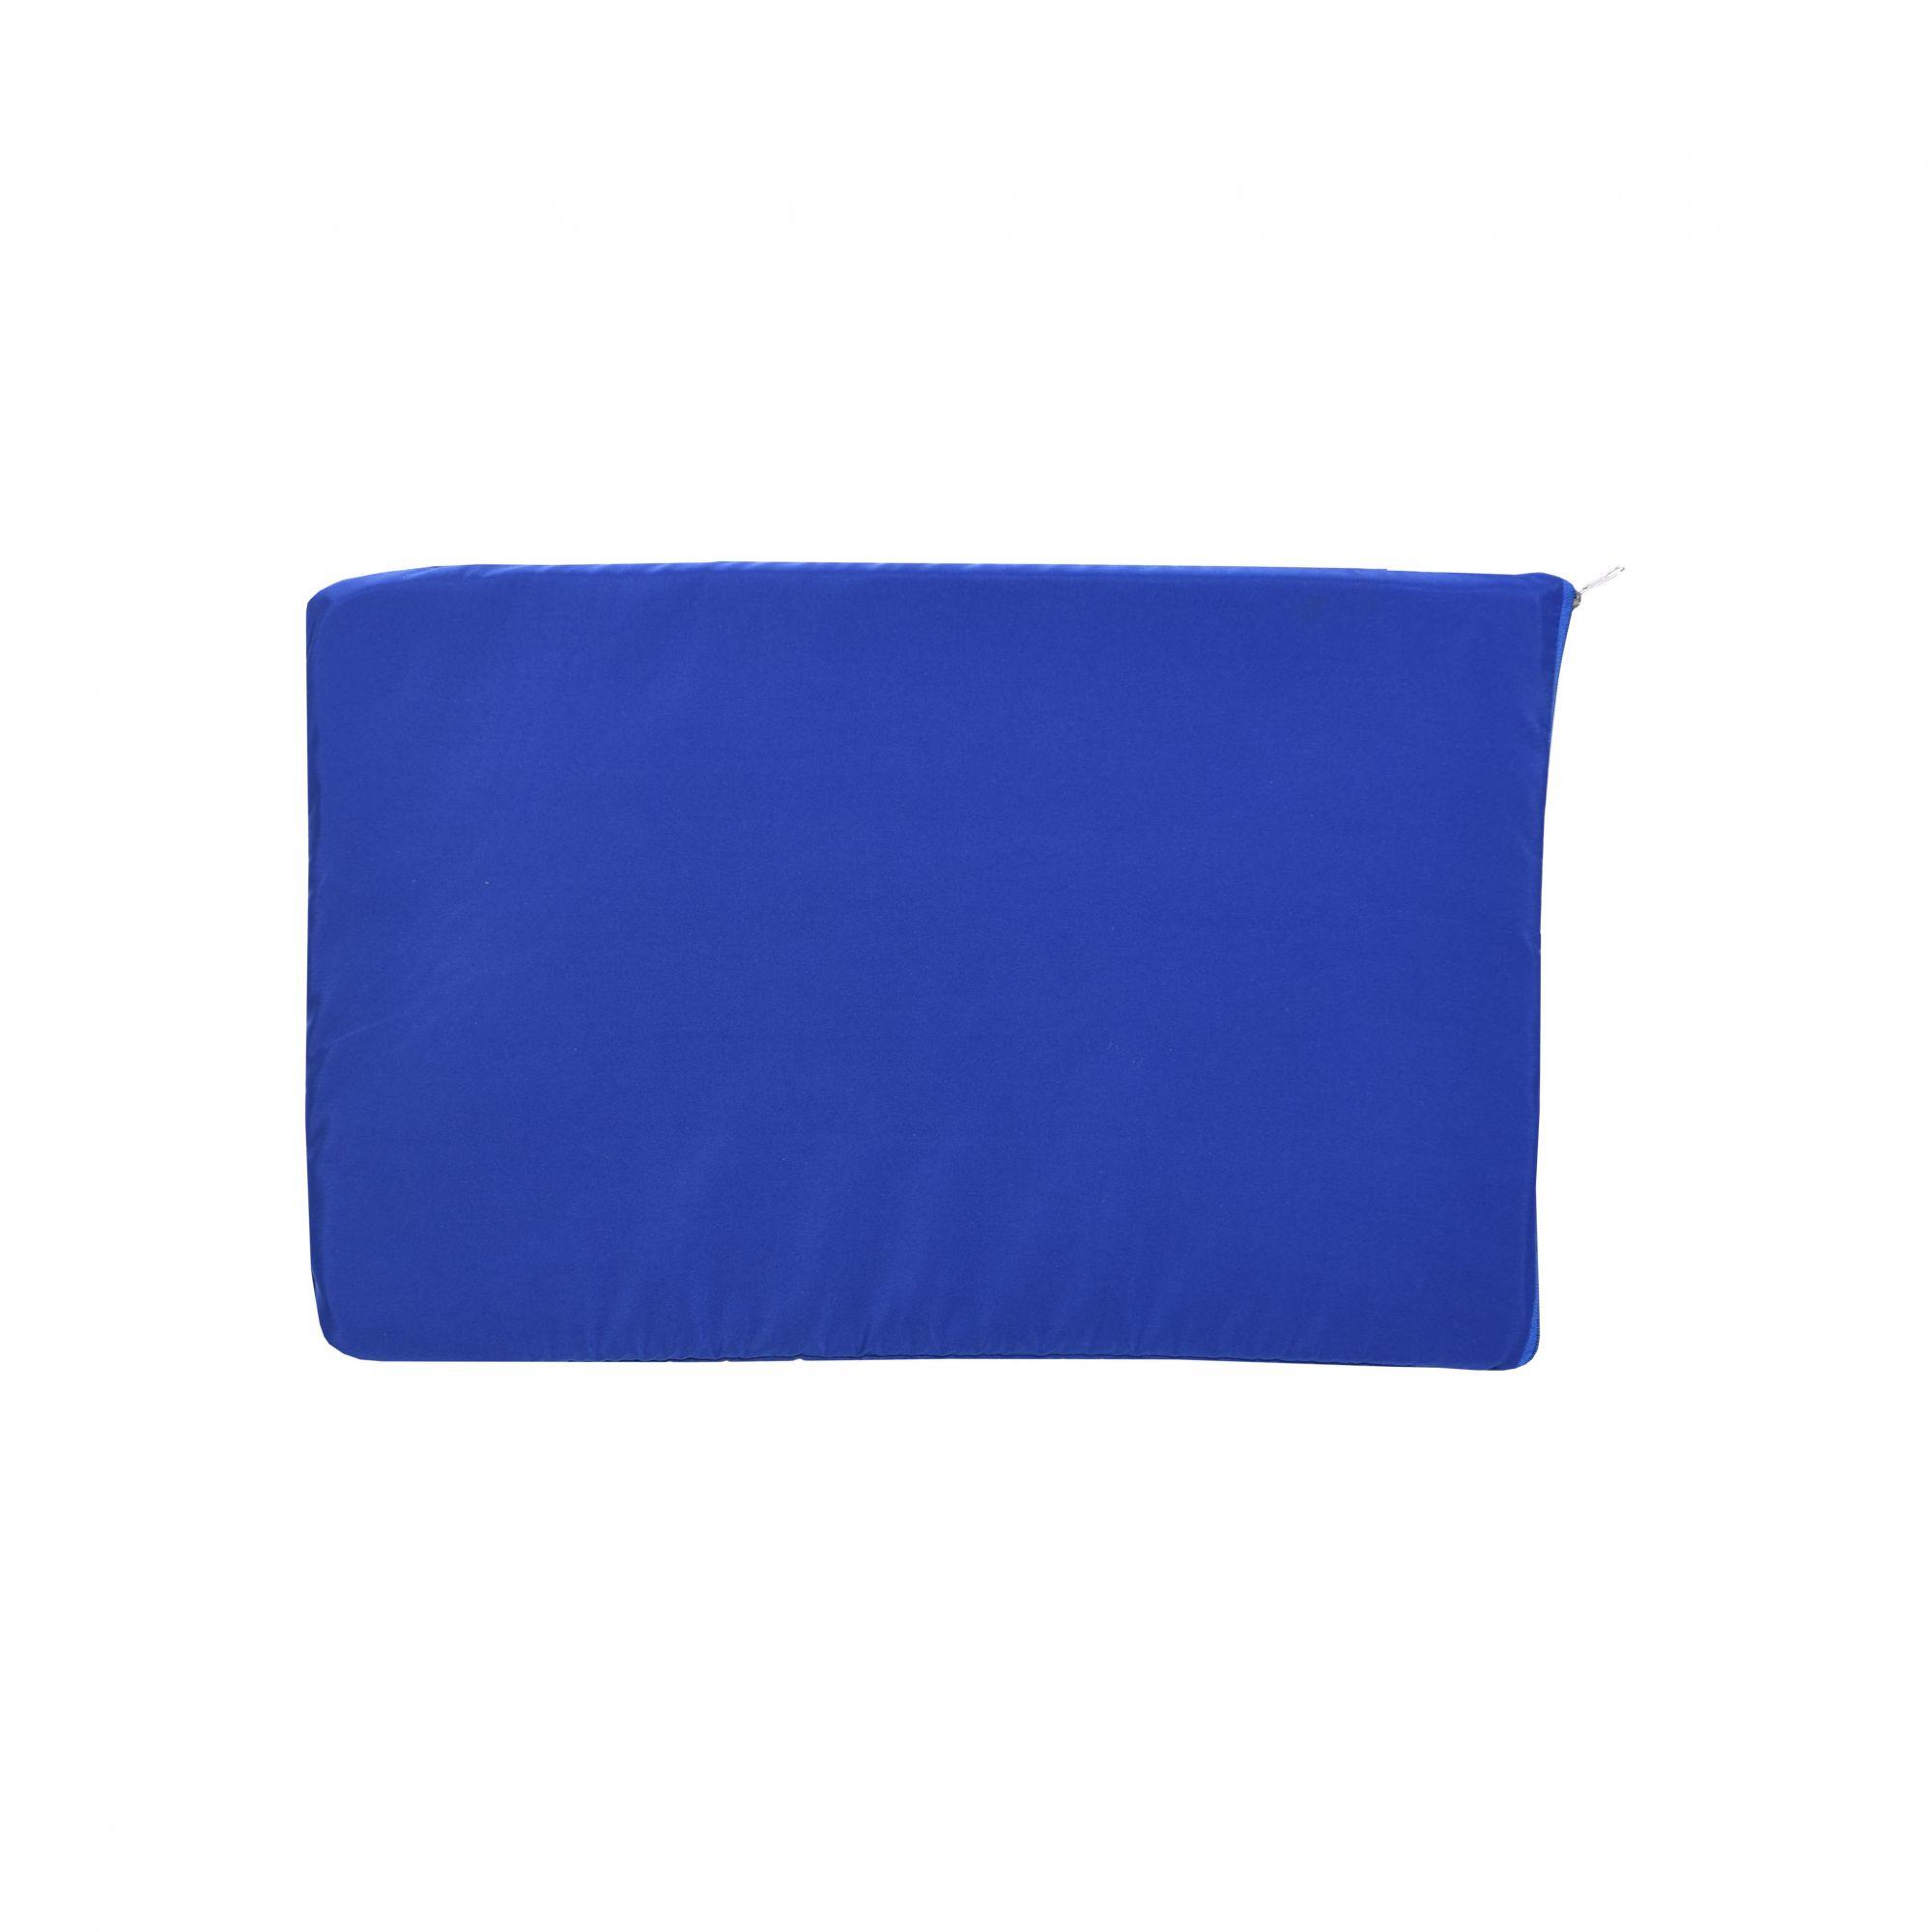 Kit Casinha Ecológica n. 03 com Colchonete Azul e placa de nome